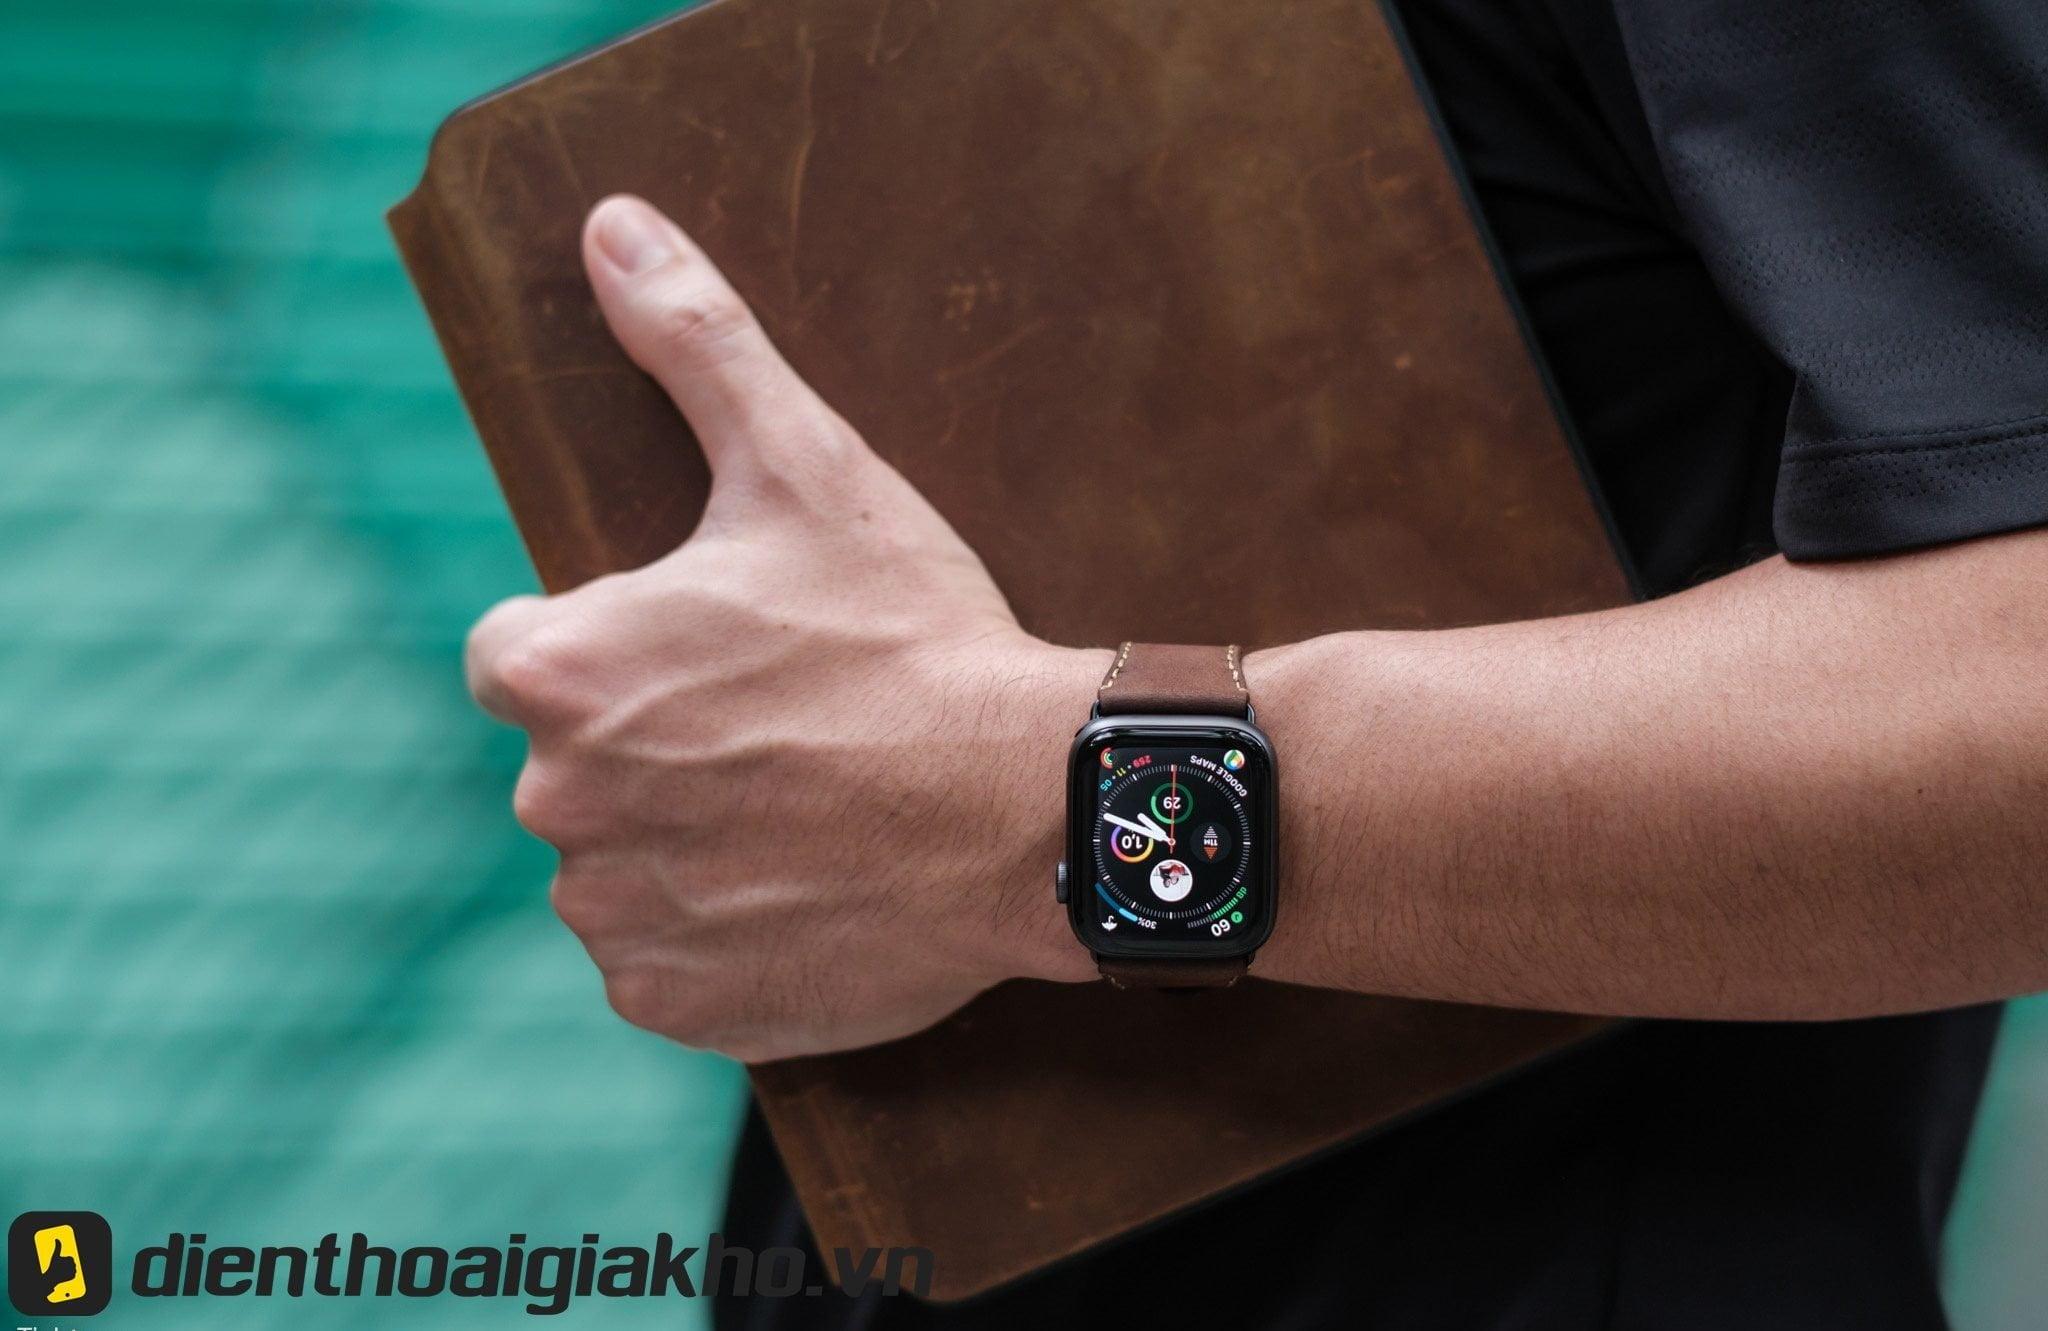 Apple Watch SE 44mm GPS Aluminum cũ ở đâu chính hãng?